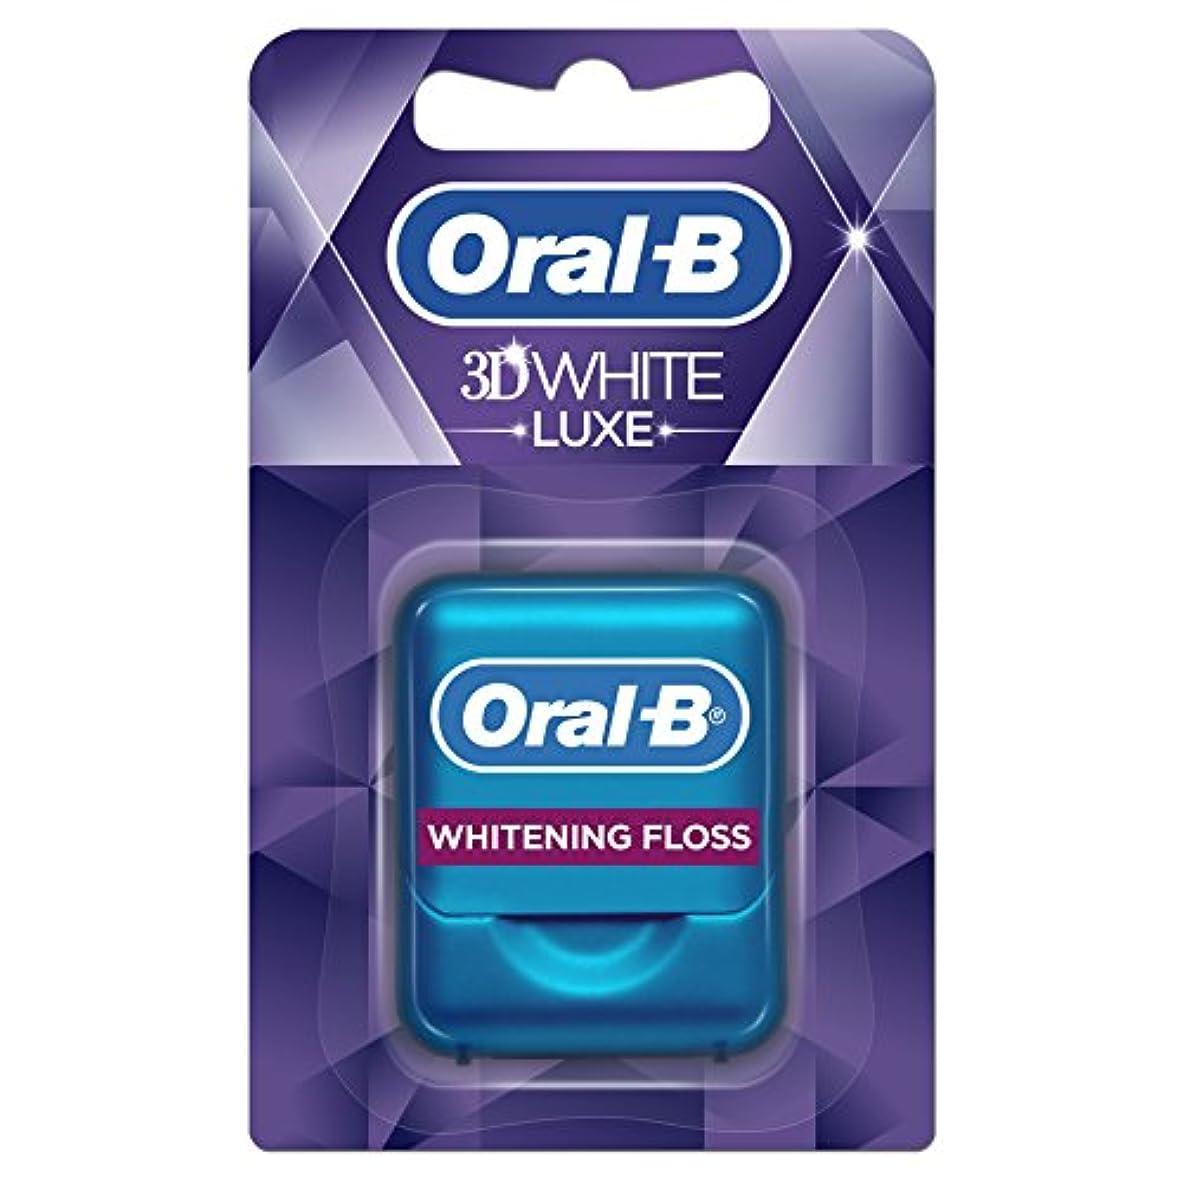 パトワクロニクルインフラヒロ歯科オーラルB 3D WHITE LUXE 35メートル